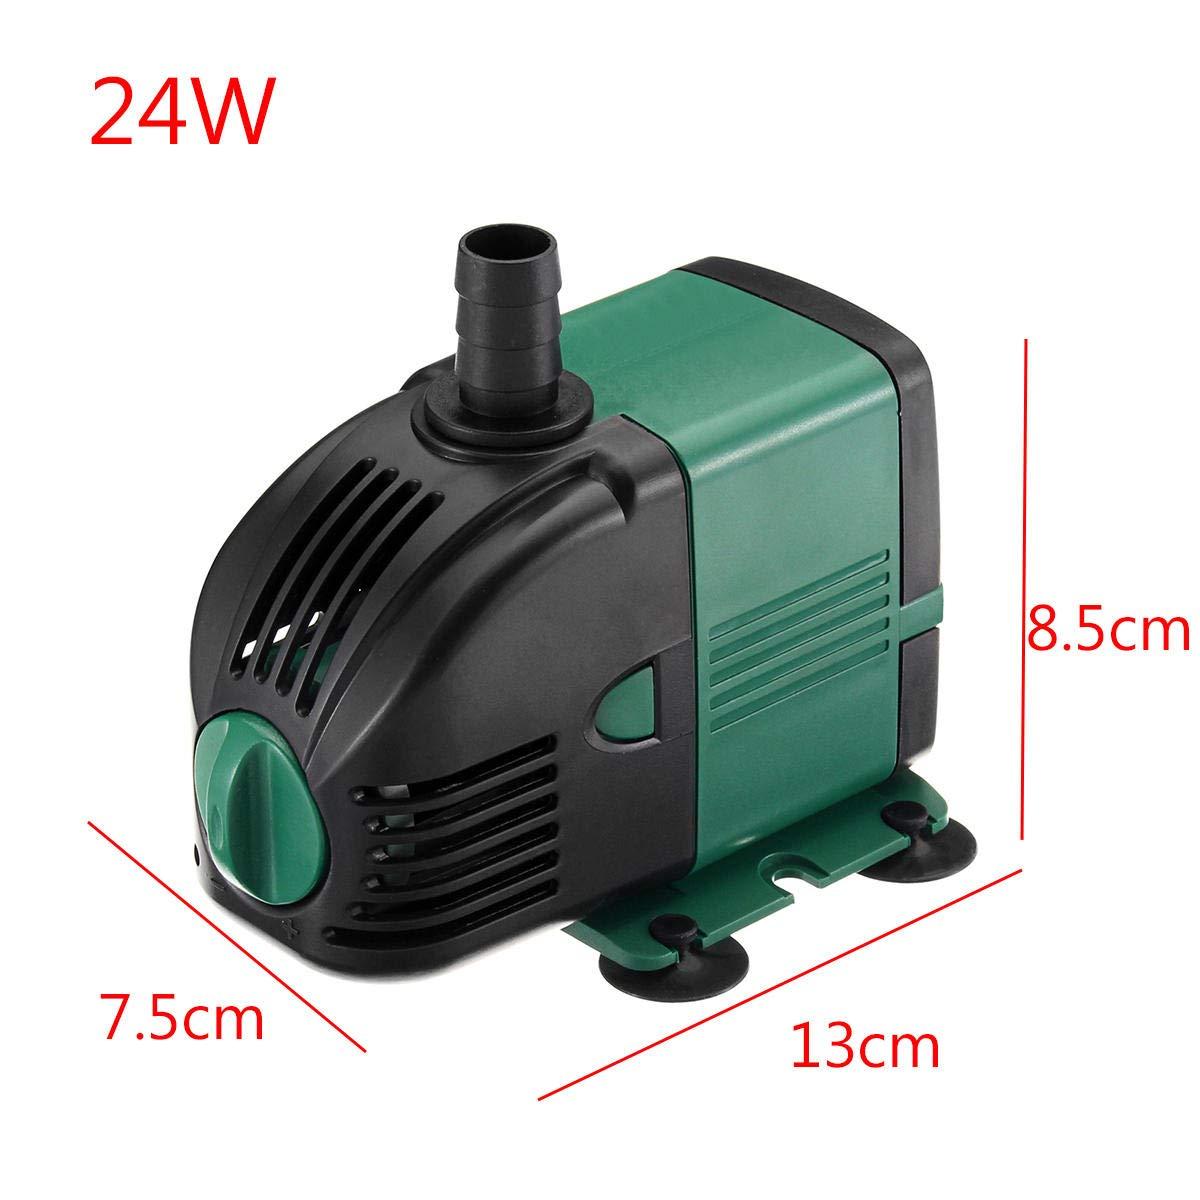 6-60W Multi-Function Submersible Aquarium Tank Water Pump Quiet 24W